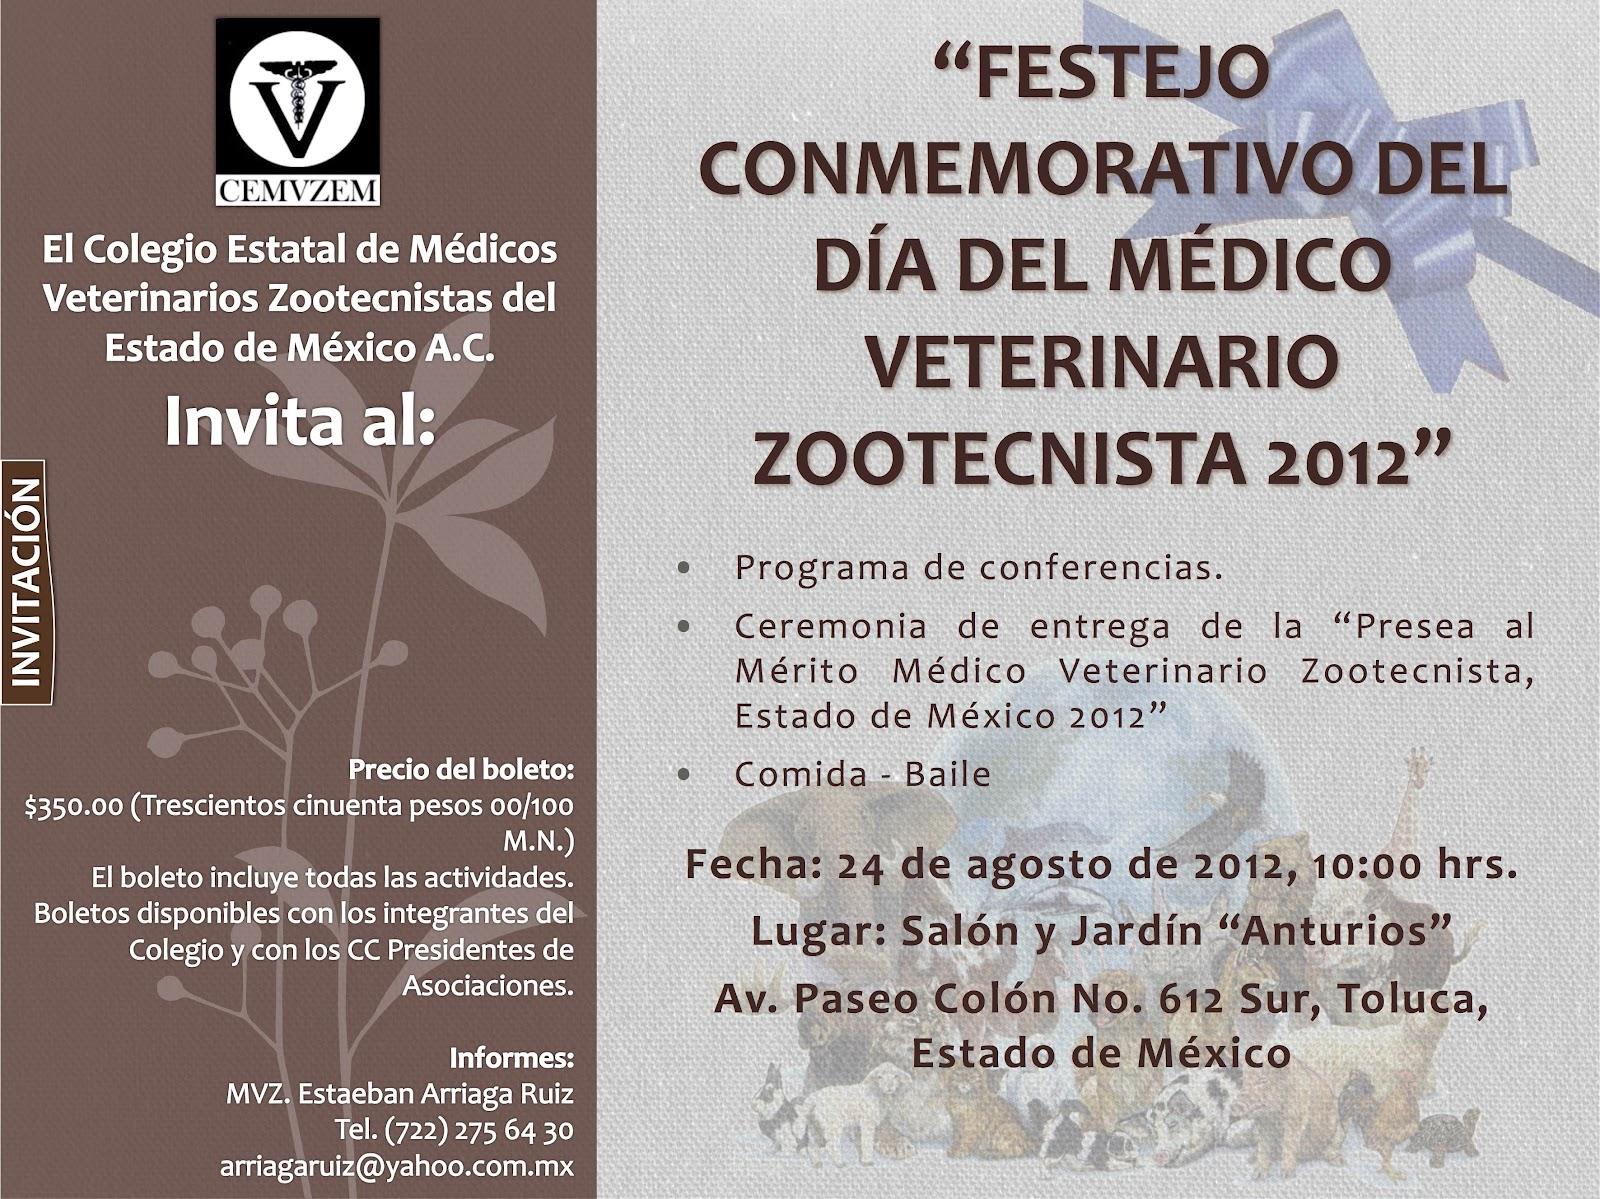 Album de fotos de ¡Feliz Día del Médico! :: El Informador - Imagenes De Dia Del Medico